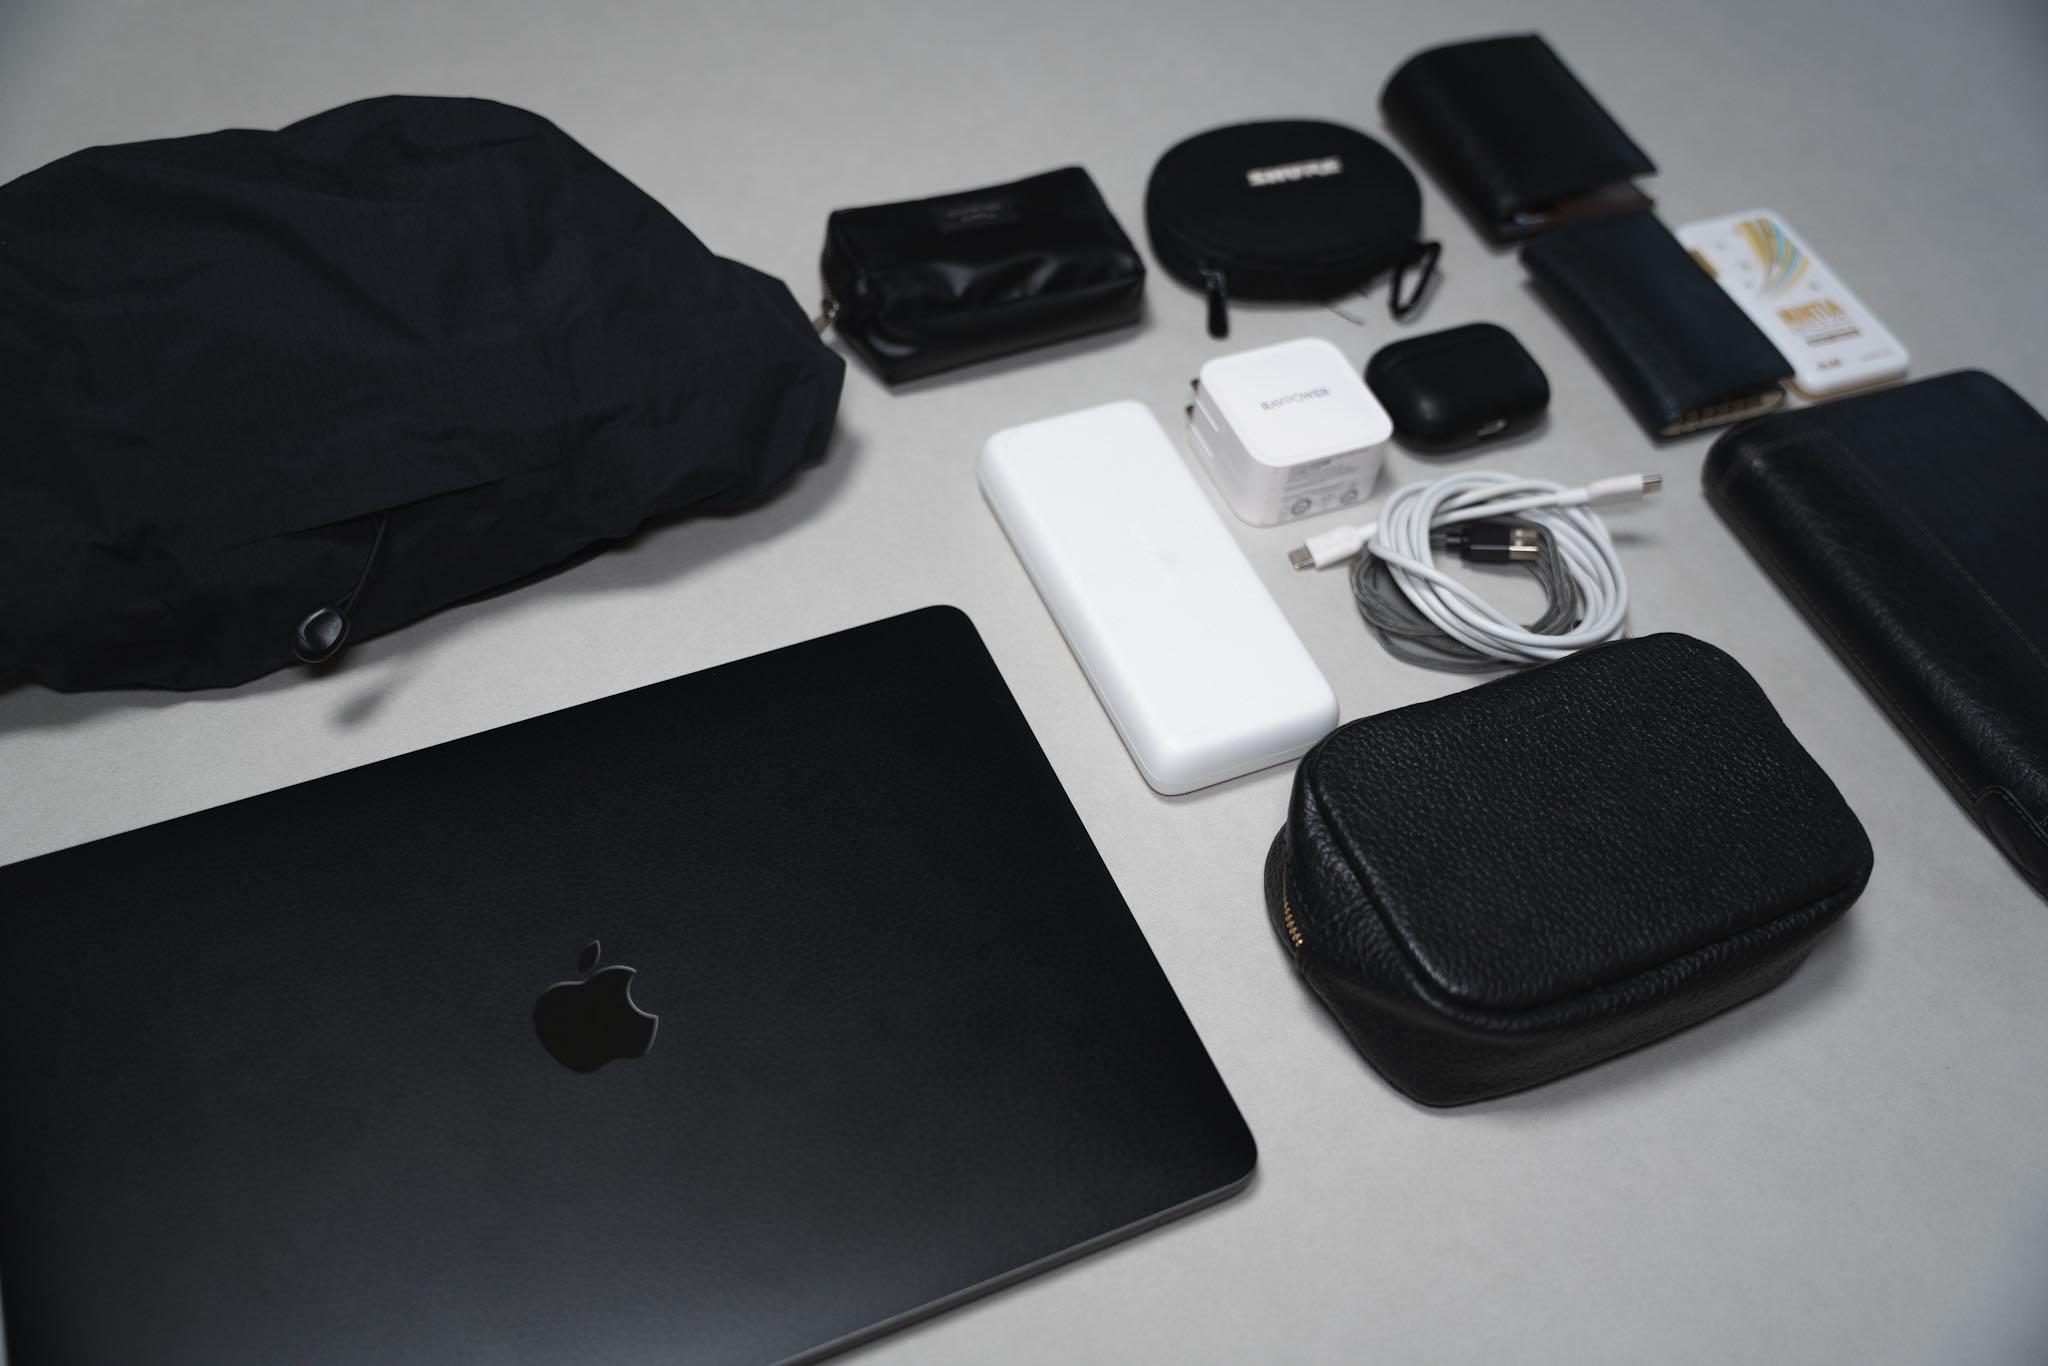 【カバンの中身】MacBook Pro 13:動画編集とブログ